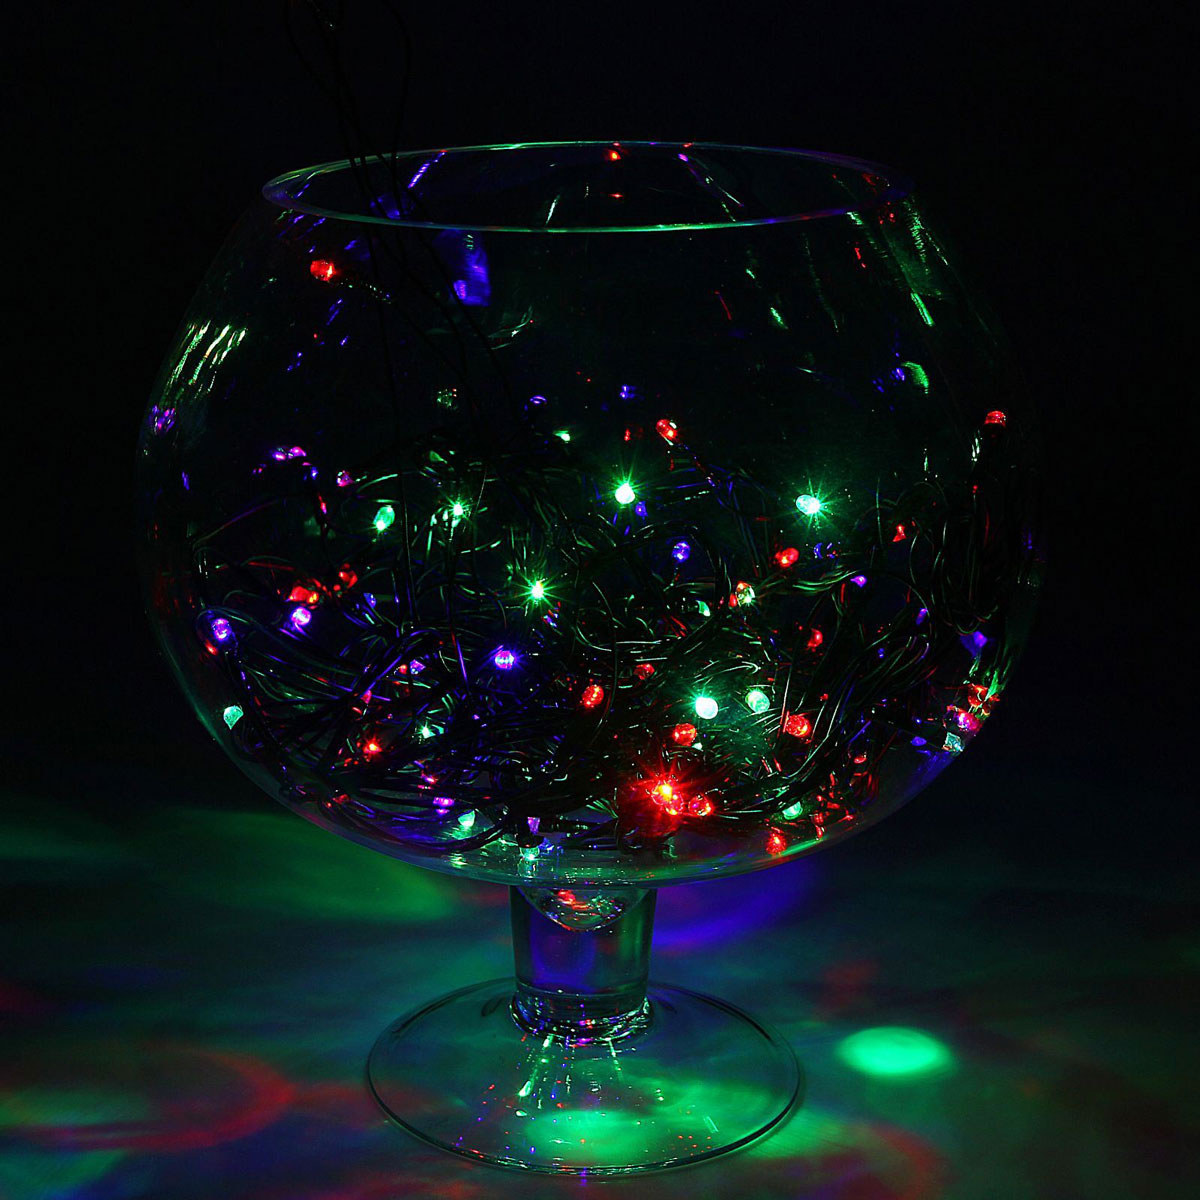 Гирлянда светодиодная Luazon Метраж, моргает, 100 ламп, 220 V, 9 м, цвет: мультиколор. 10803511080351Светодиодные гирлянды, ленты и т.д. — это отличный вариант для новогоднего оформления интерьера или фасада. С их помощью помещение любого размера можно превратить в праздничный зал, а внешние элементы зданий, украшенные ими, мгновенно станут напоминать очертания сказочного дворца. Такие украшения создают ауру предвкушения чуда. Деревья, фасады, витрины, окна и арки будто специально созданы, чтобы вы украсили их светящимися нитями.